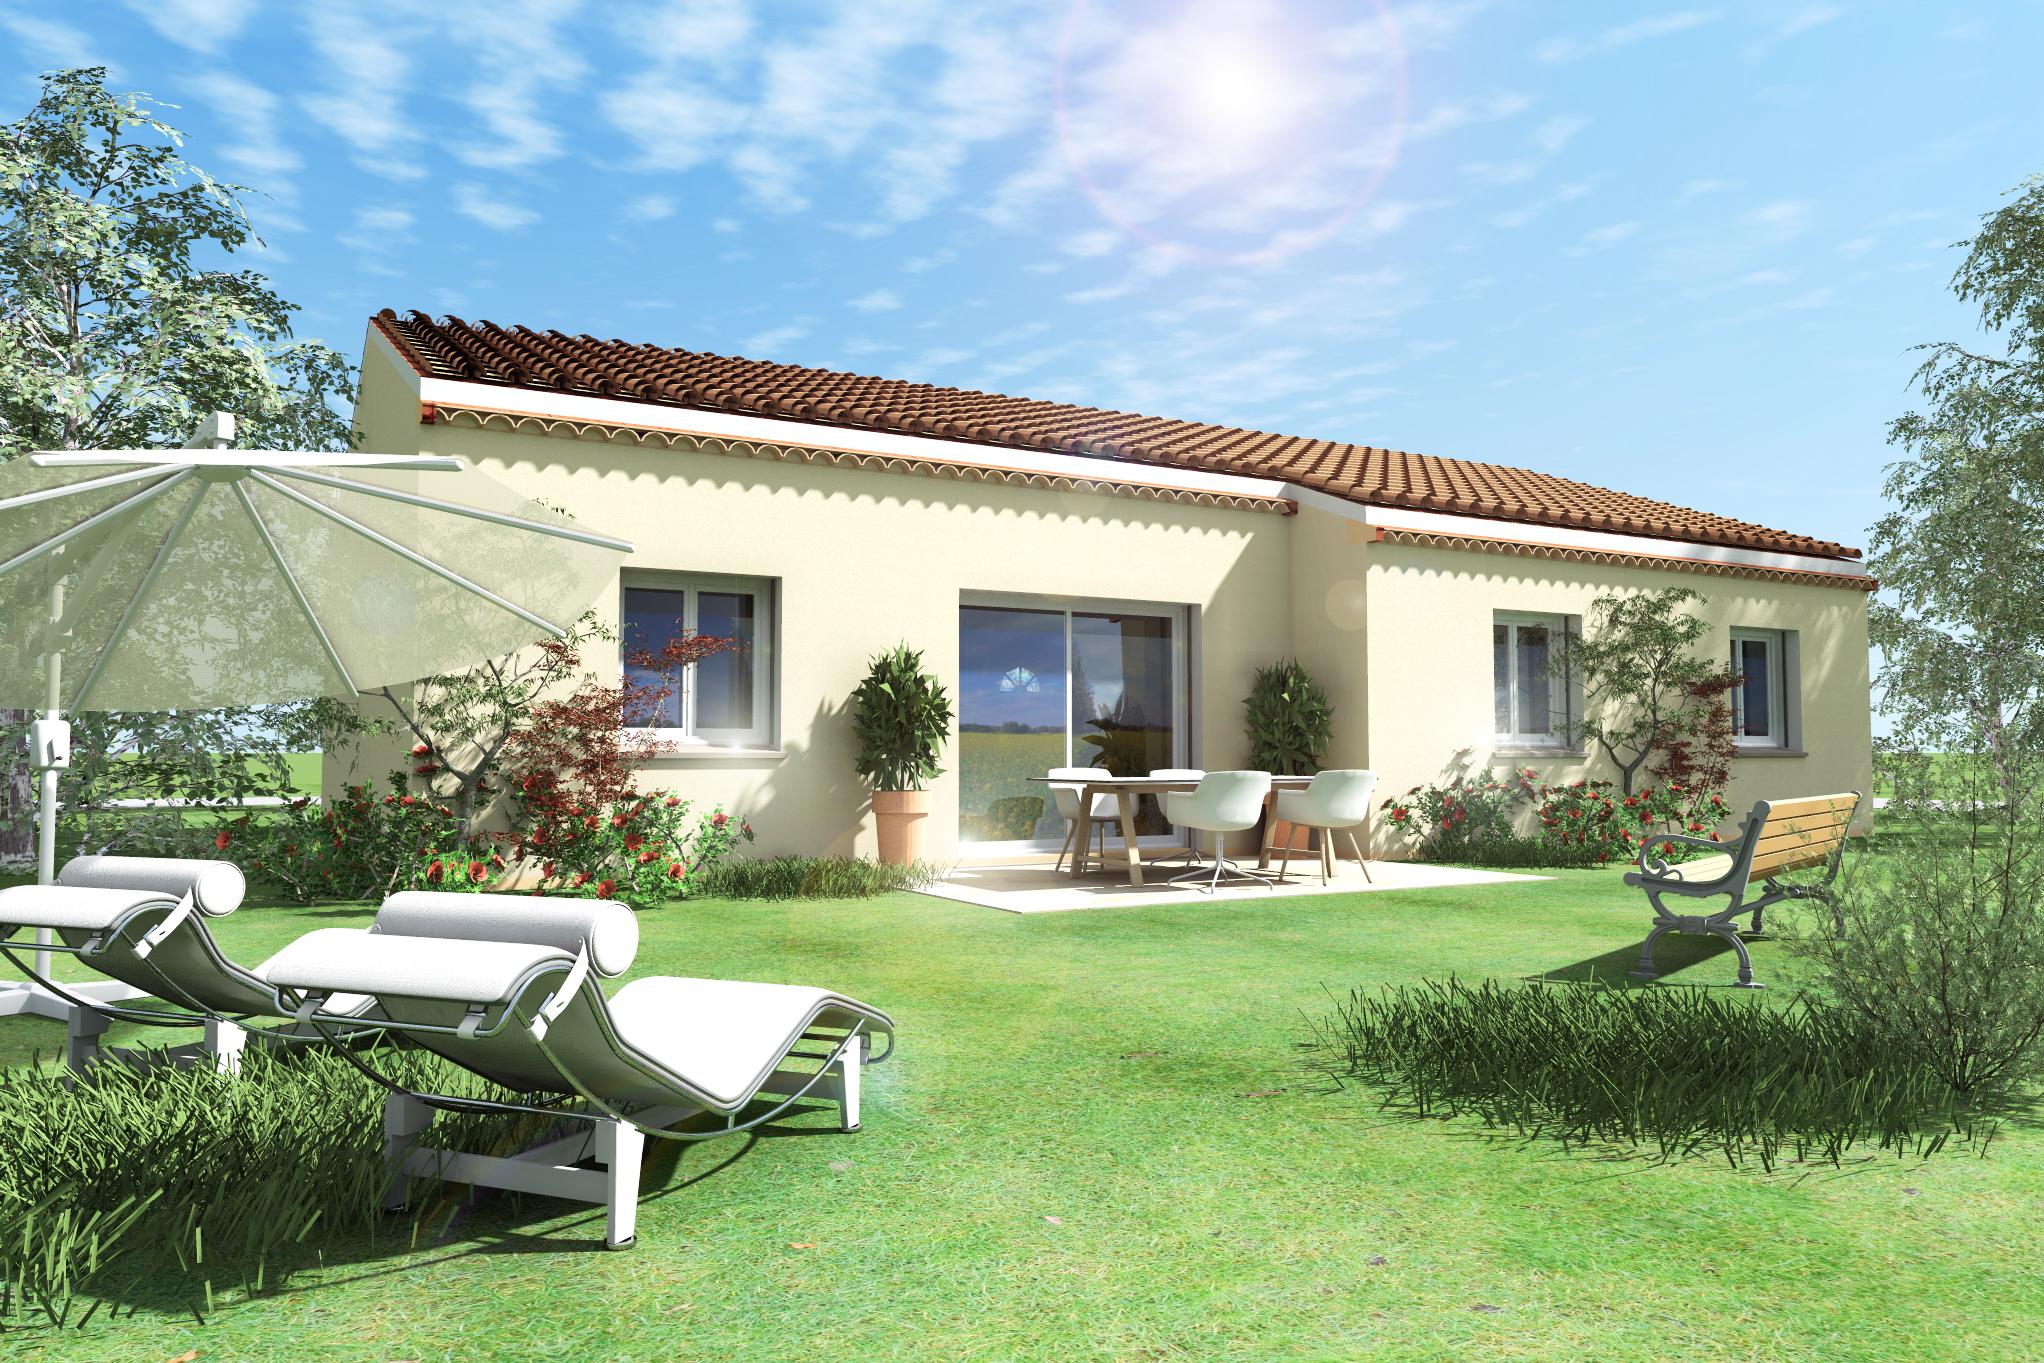 Maisons + Terrains du constructeur VILLAS PLEIN SUD -PRO RENOV26/07-D • 71 m² • ANNEYRON